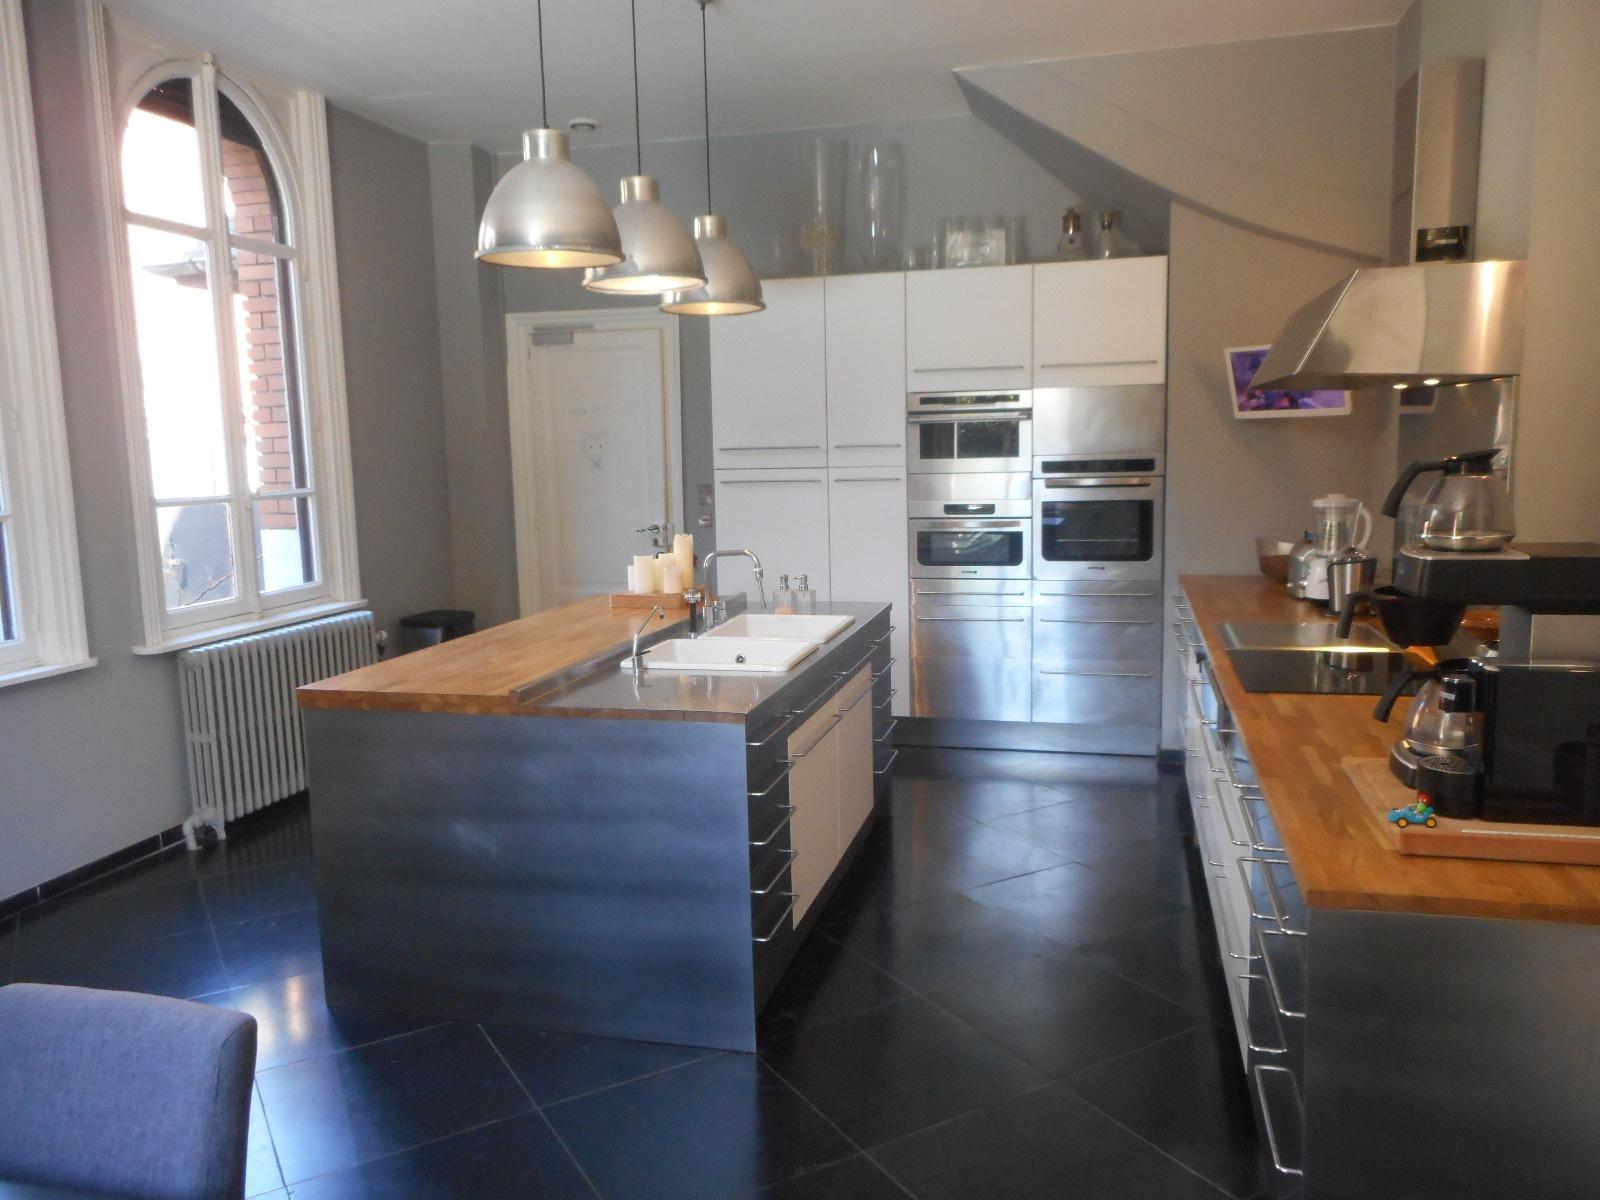 Hotel particulier Lille entièrement restauré  spacieuse cuisine